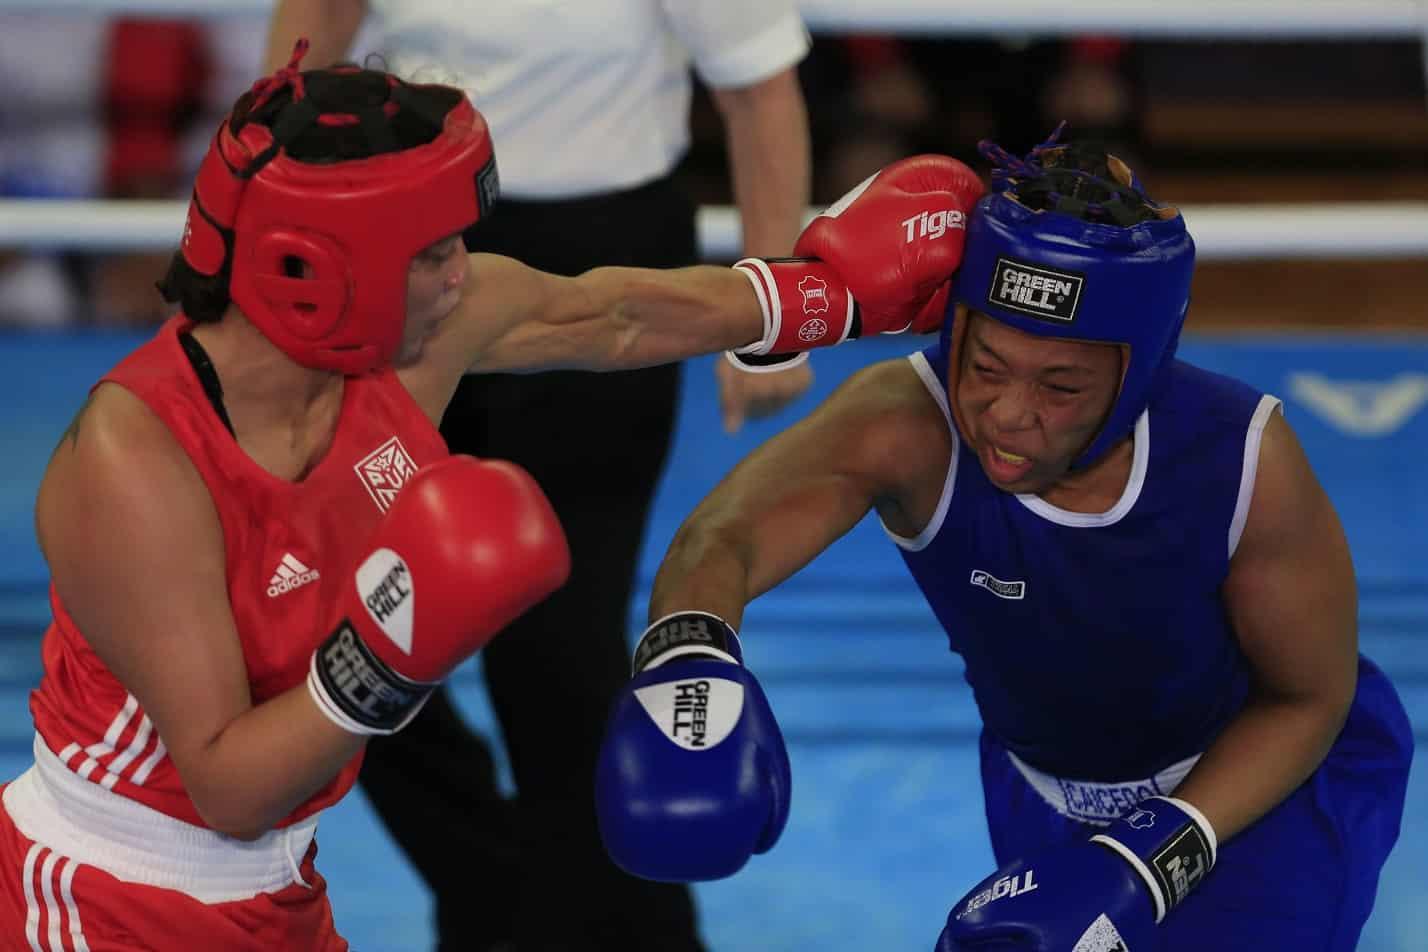 Boxeo en los Juegos Centroamericanos y del Caribe 2018